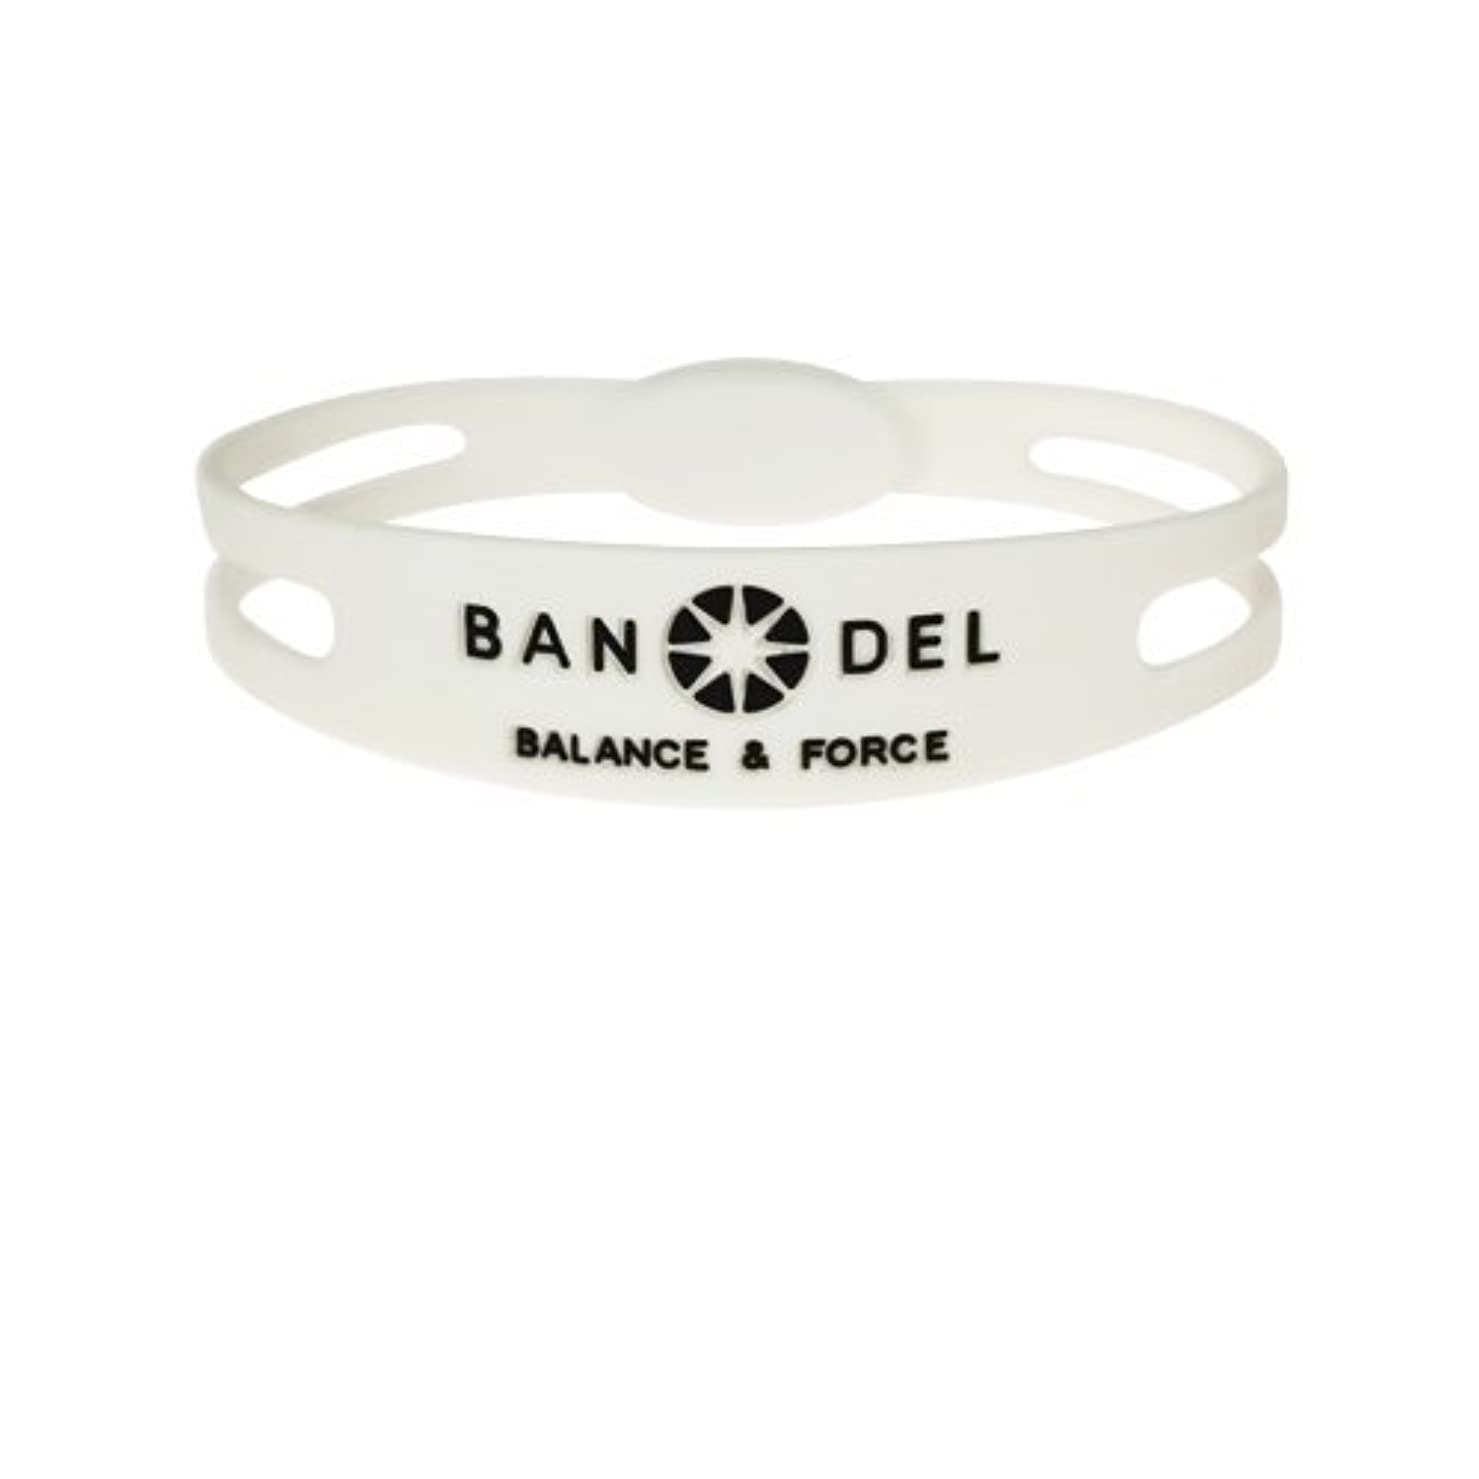 絡まるカレンダー配当バンデル(BANDEL)ブレスレット スリムタイプ[ホワイト×ブラック]Sサイズ(15cm)